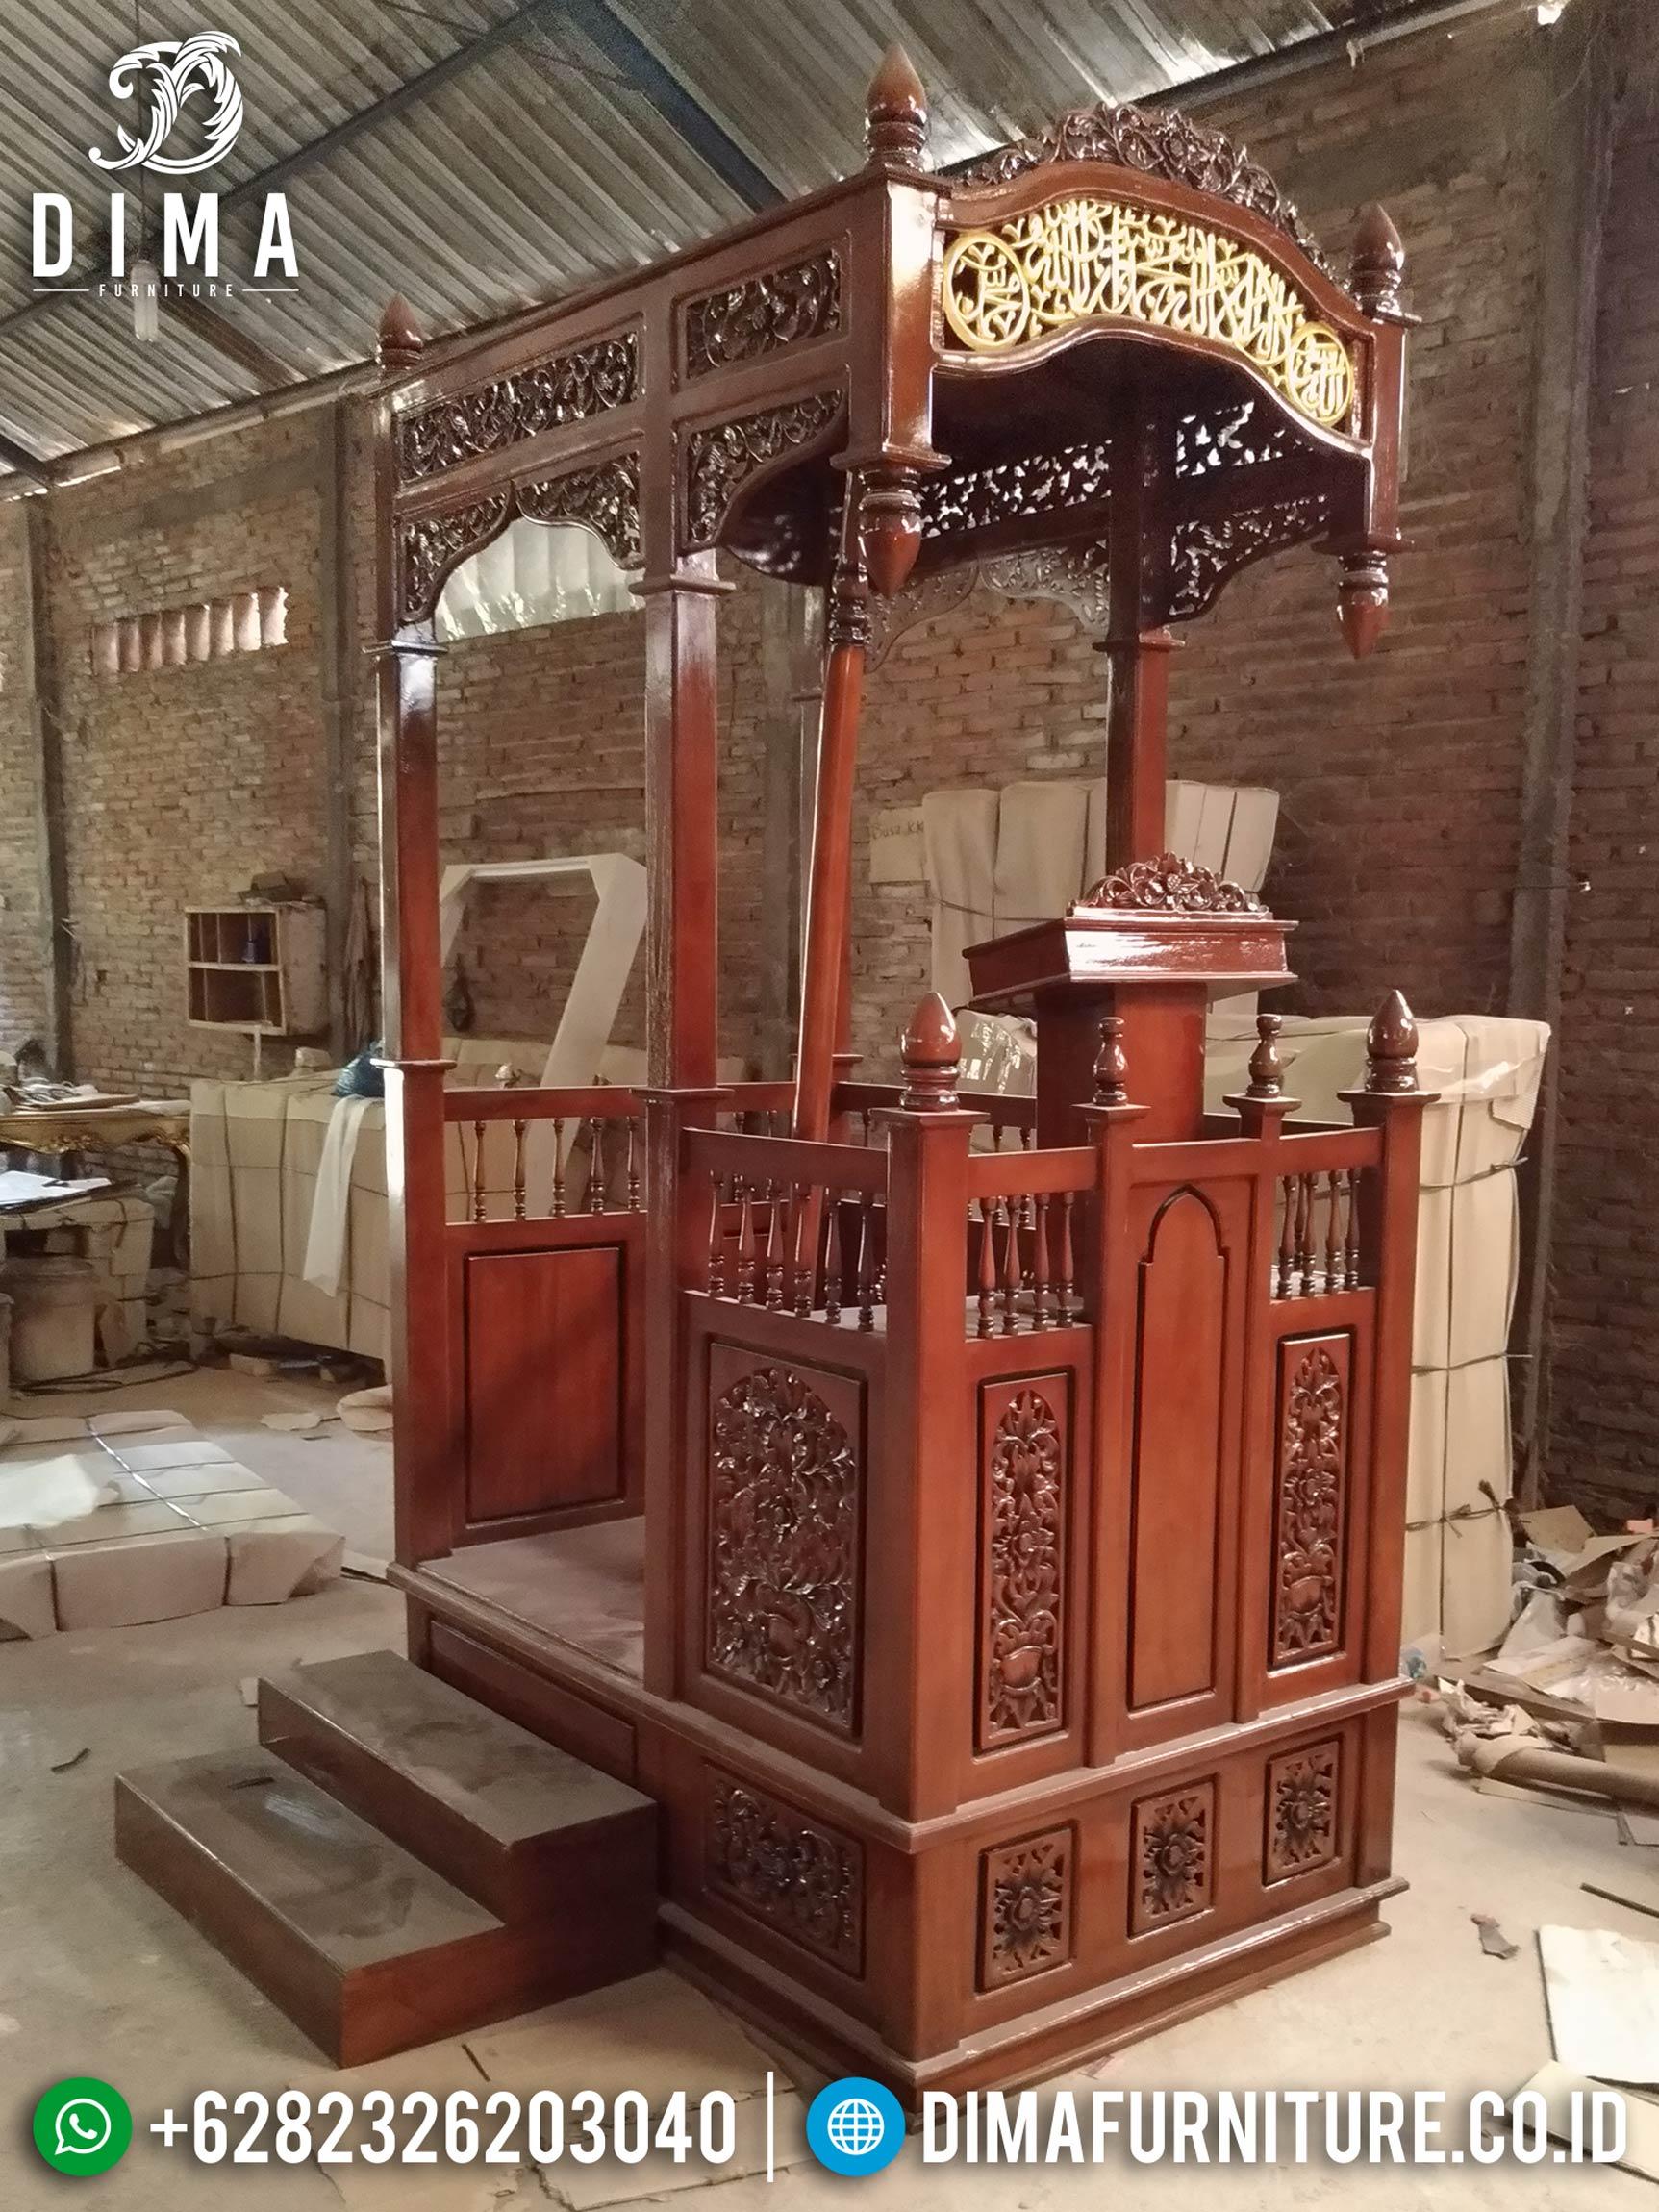 Mimbar Masjid Jati Jepara, Mimbar Murah Jati, Mimbar Jepara Terbaru DF-0660